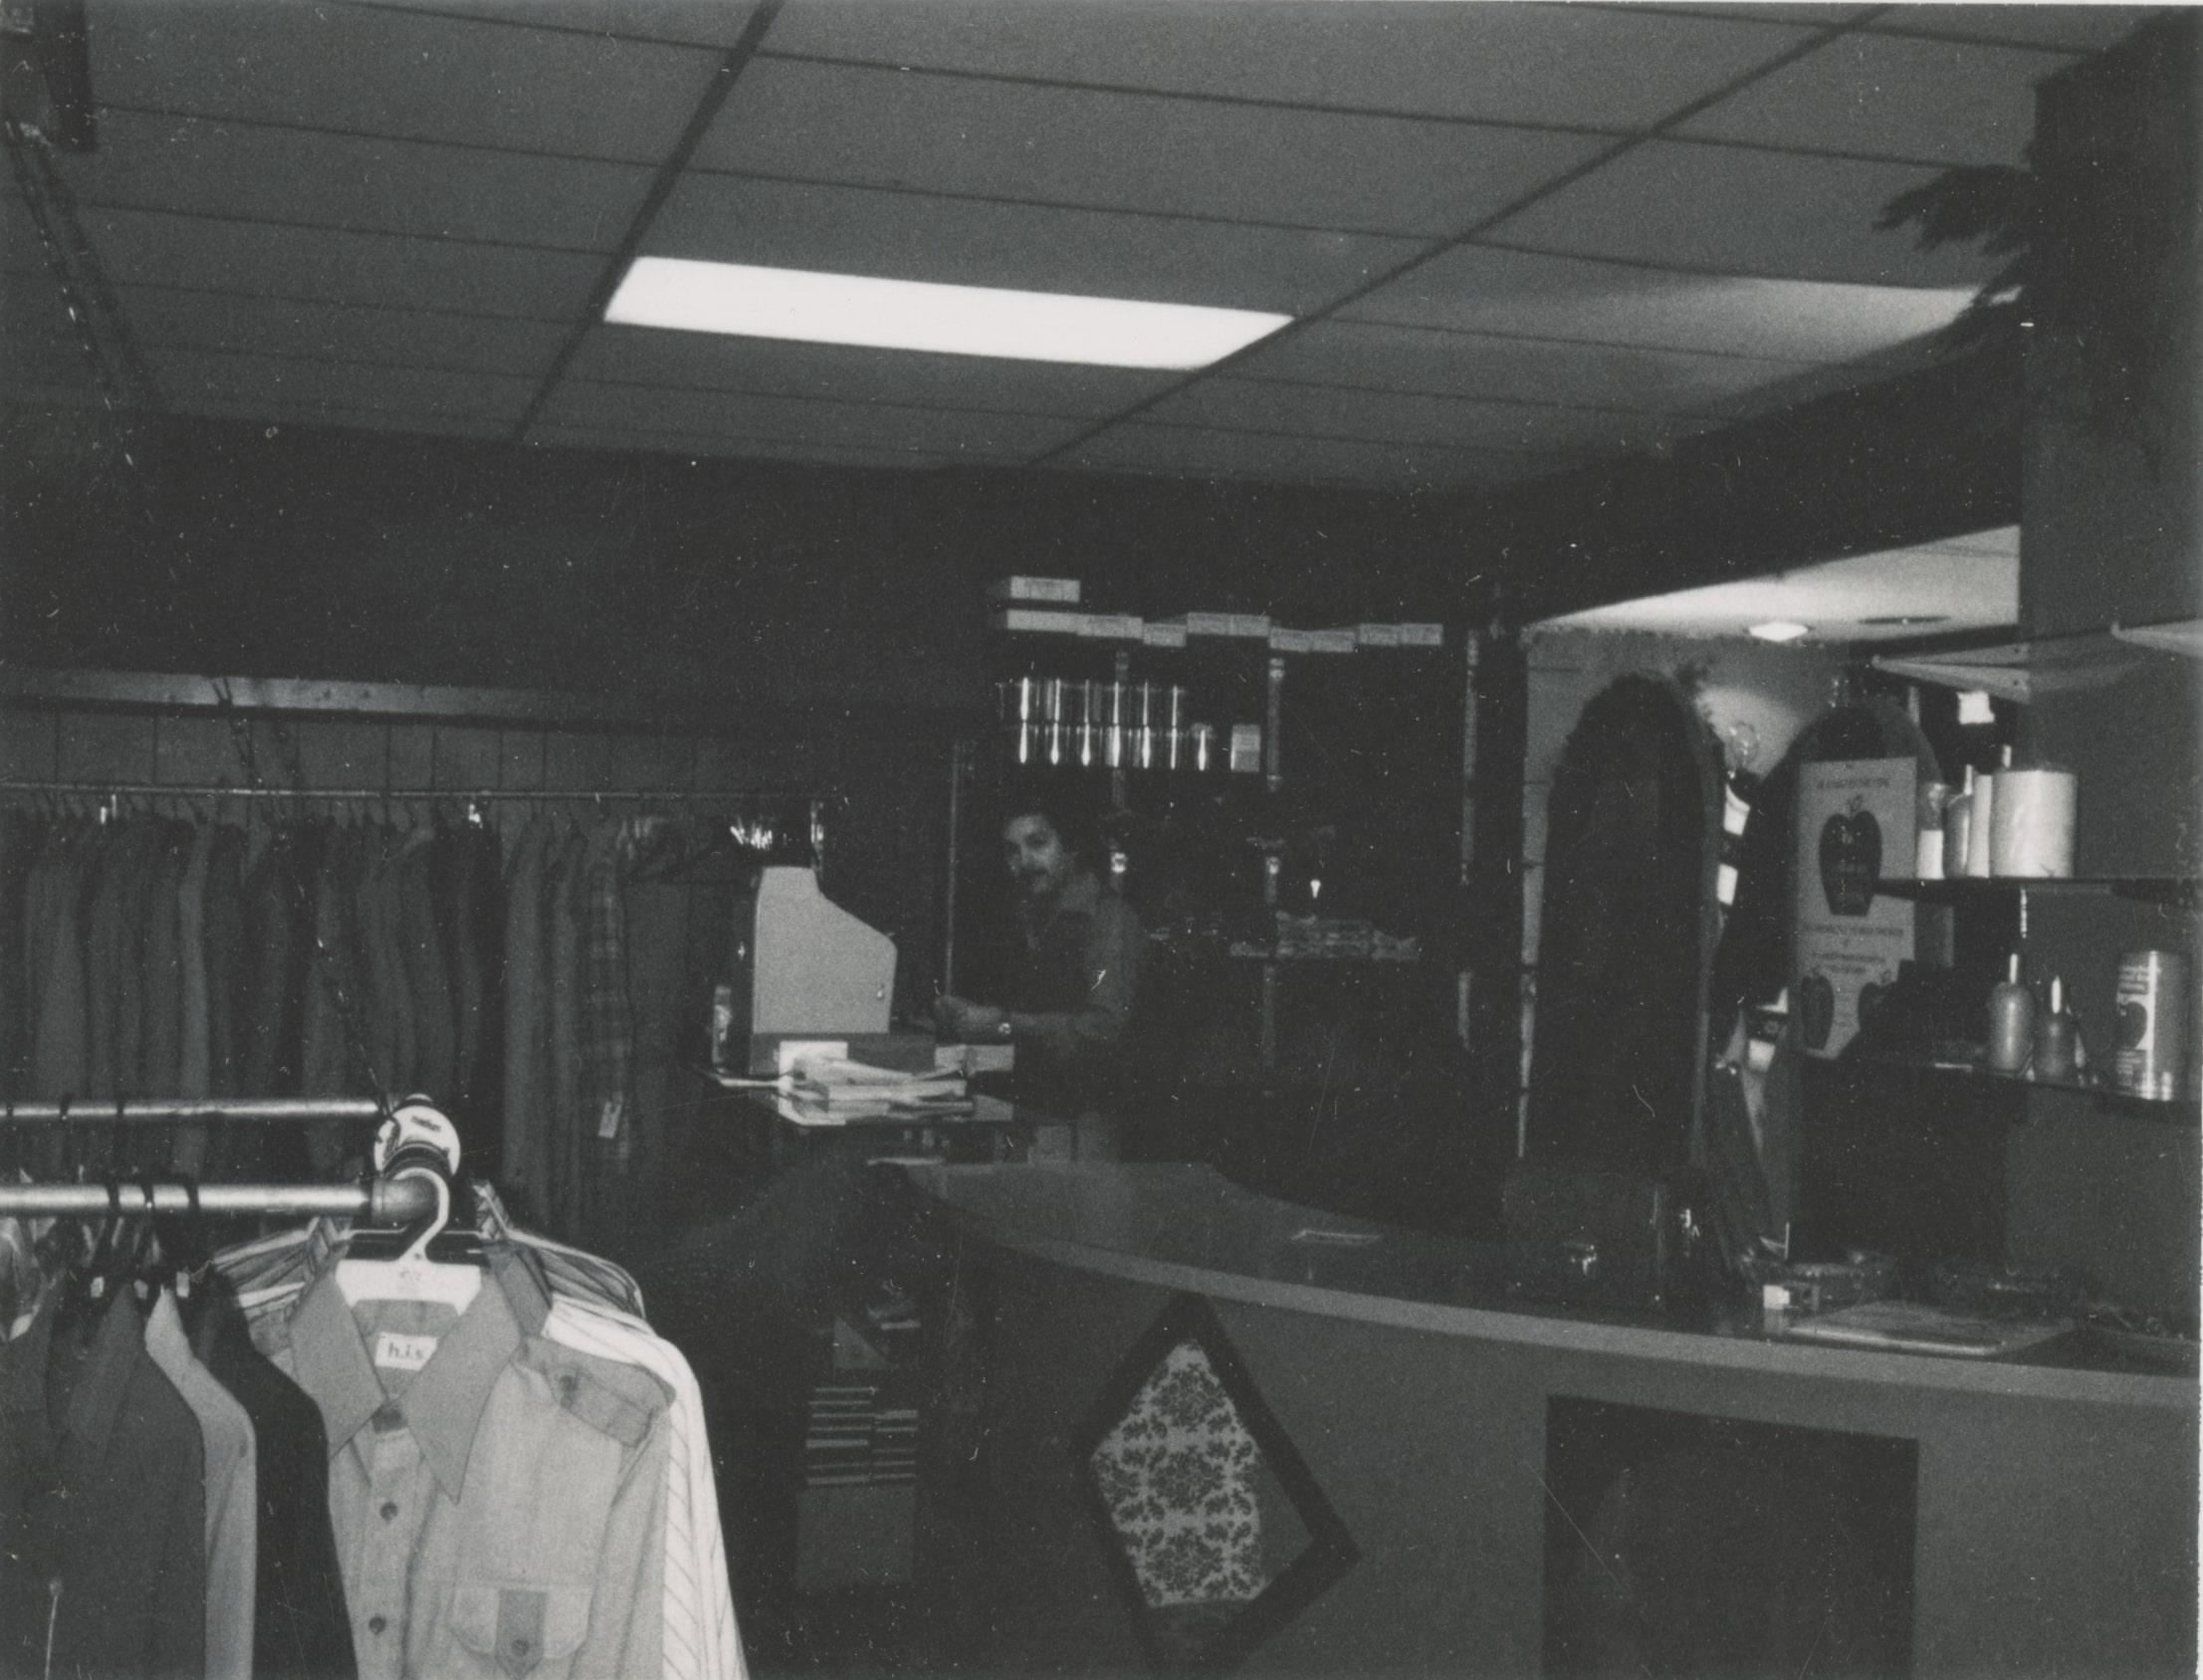 Tienda de ropa propiedad de Puertorican